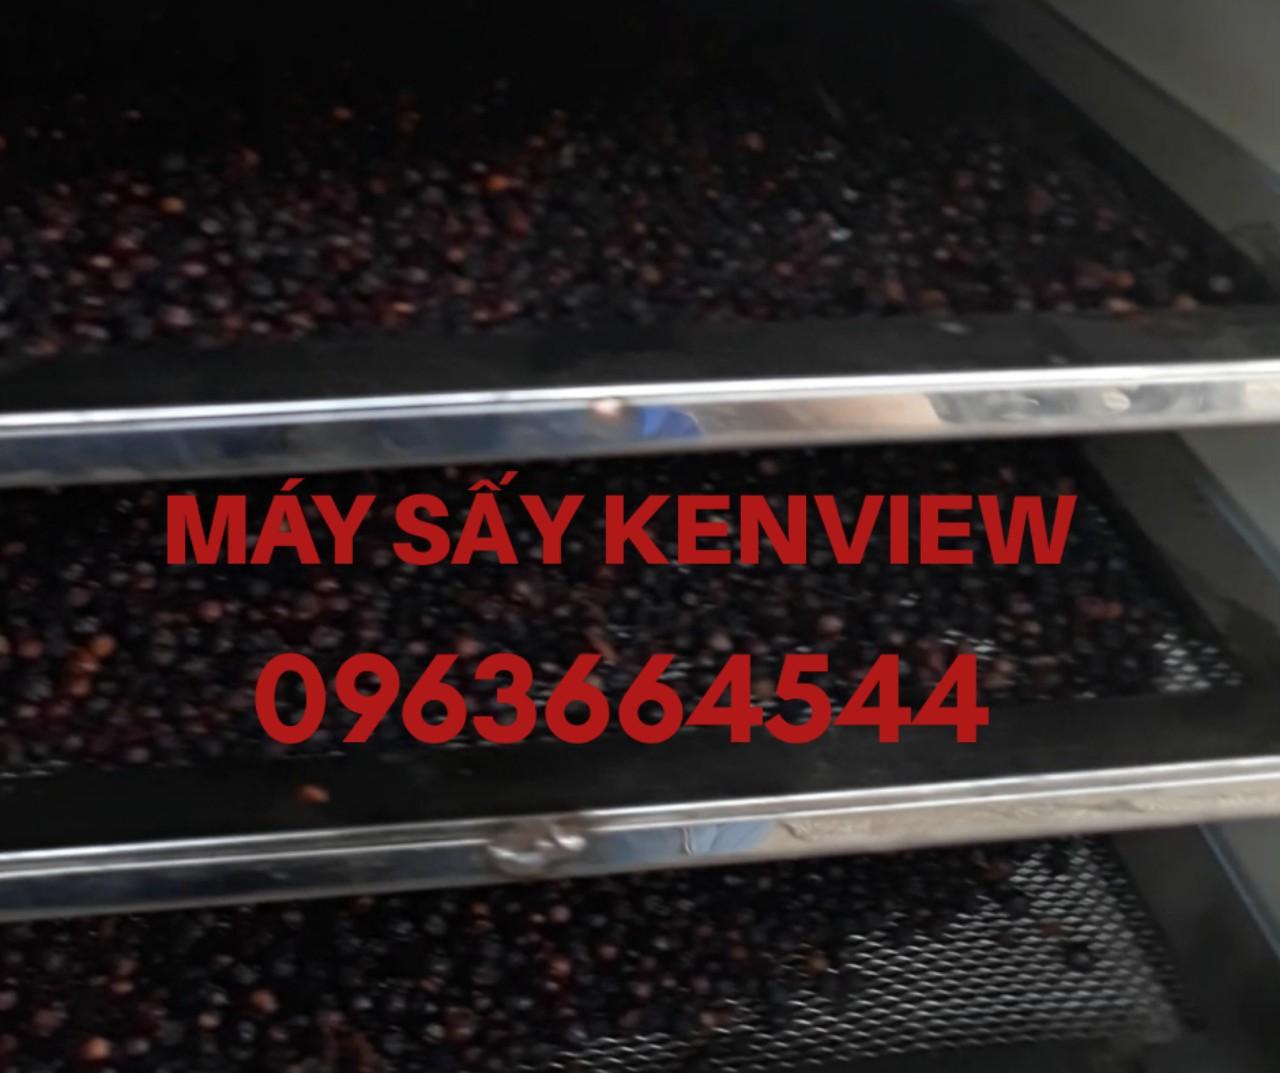 Tiêu sấy khô - Máy sấy tiêu - Máy sấy nông sản công nghiệp 0963664544